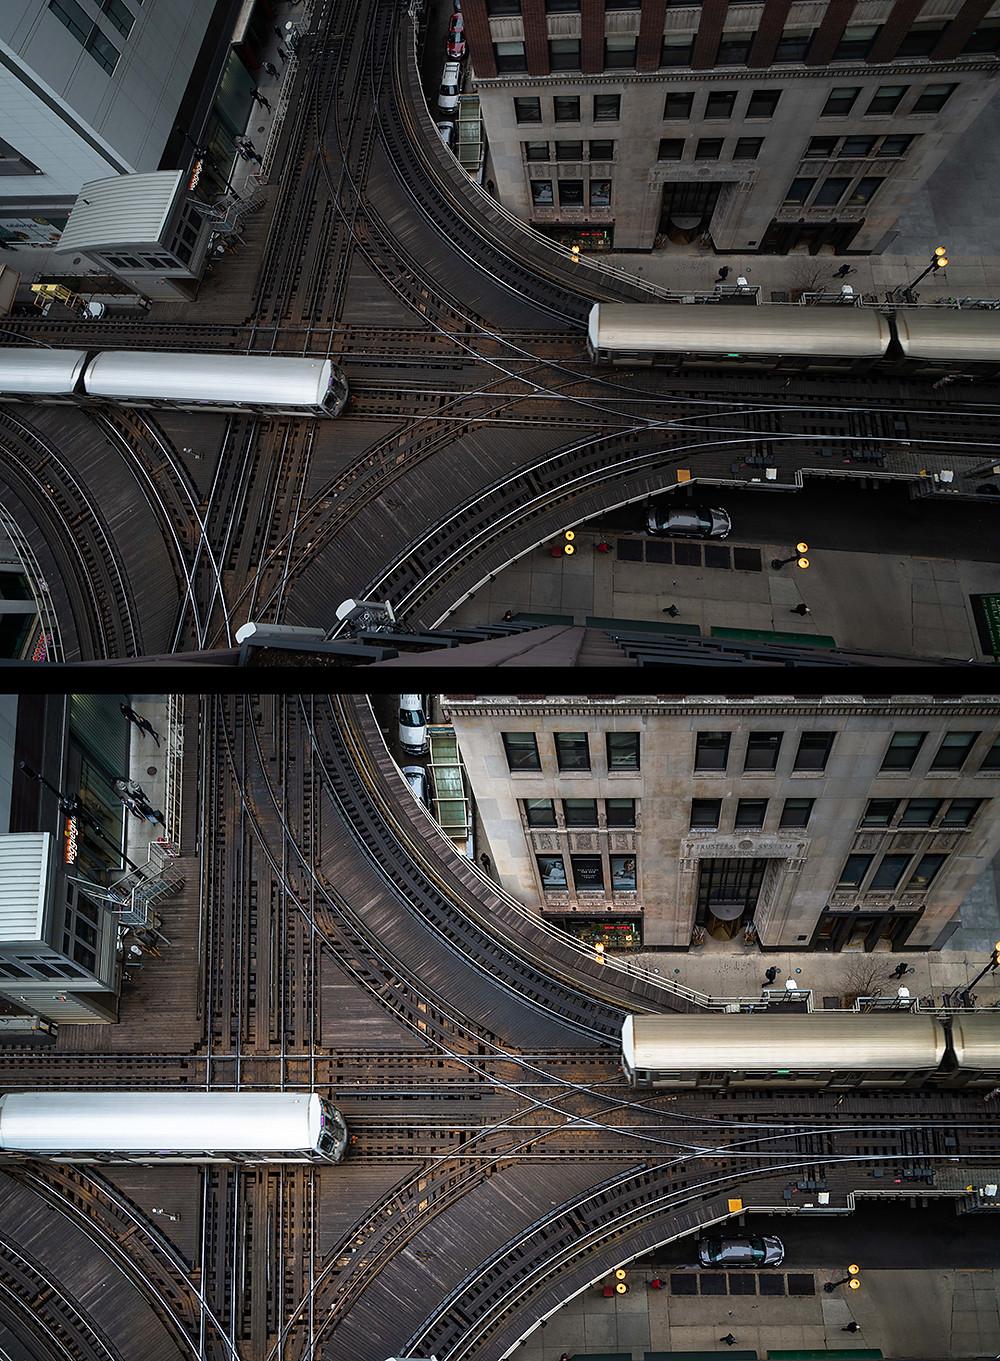 Zwei Ansichten einer Luftaufnahme von Bahngleisen in zwei verschiedenen Stadien der Bildbearbeitung